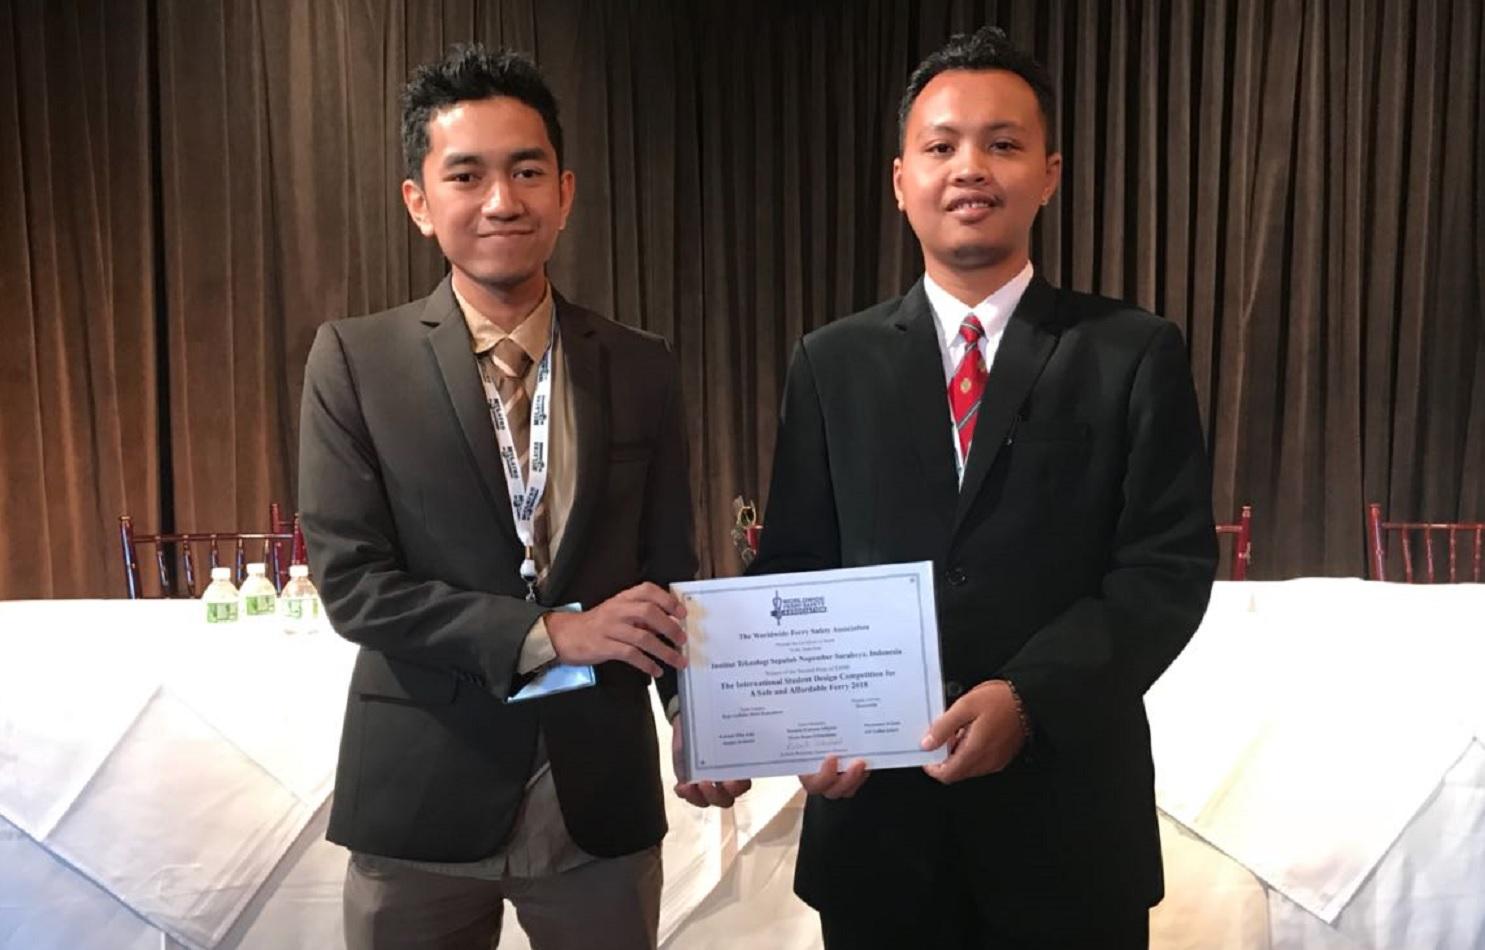 Rahmad Diko Edfi dan Jangka Ruliyanto saat menerima penghargaan di New York (Foto: humas ITS)